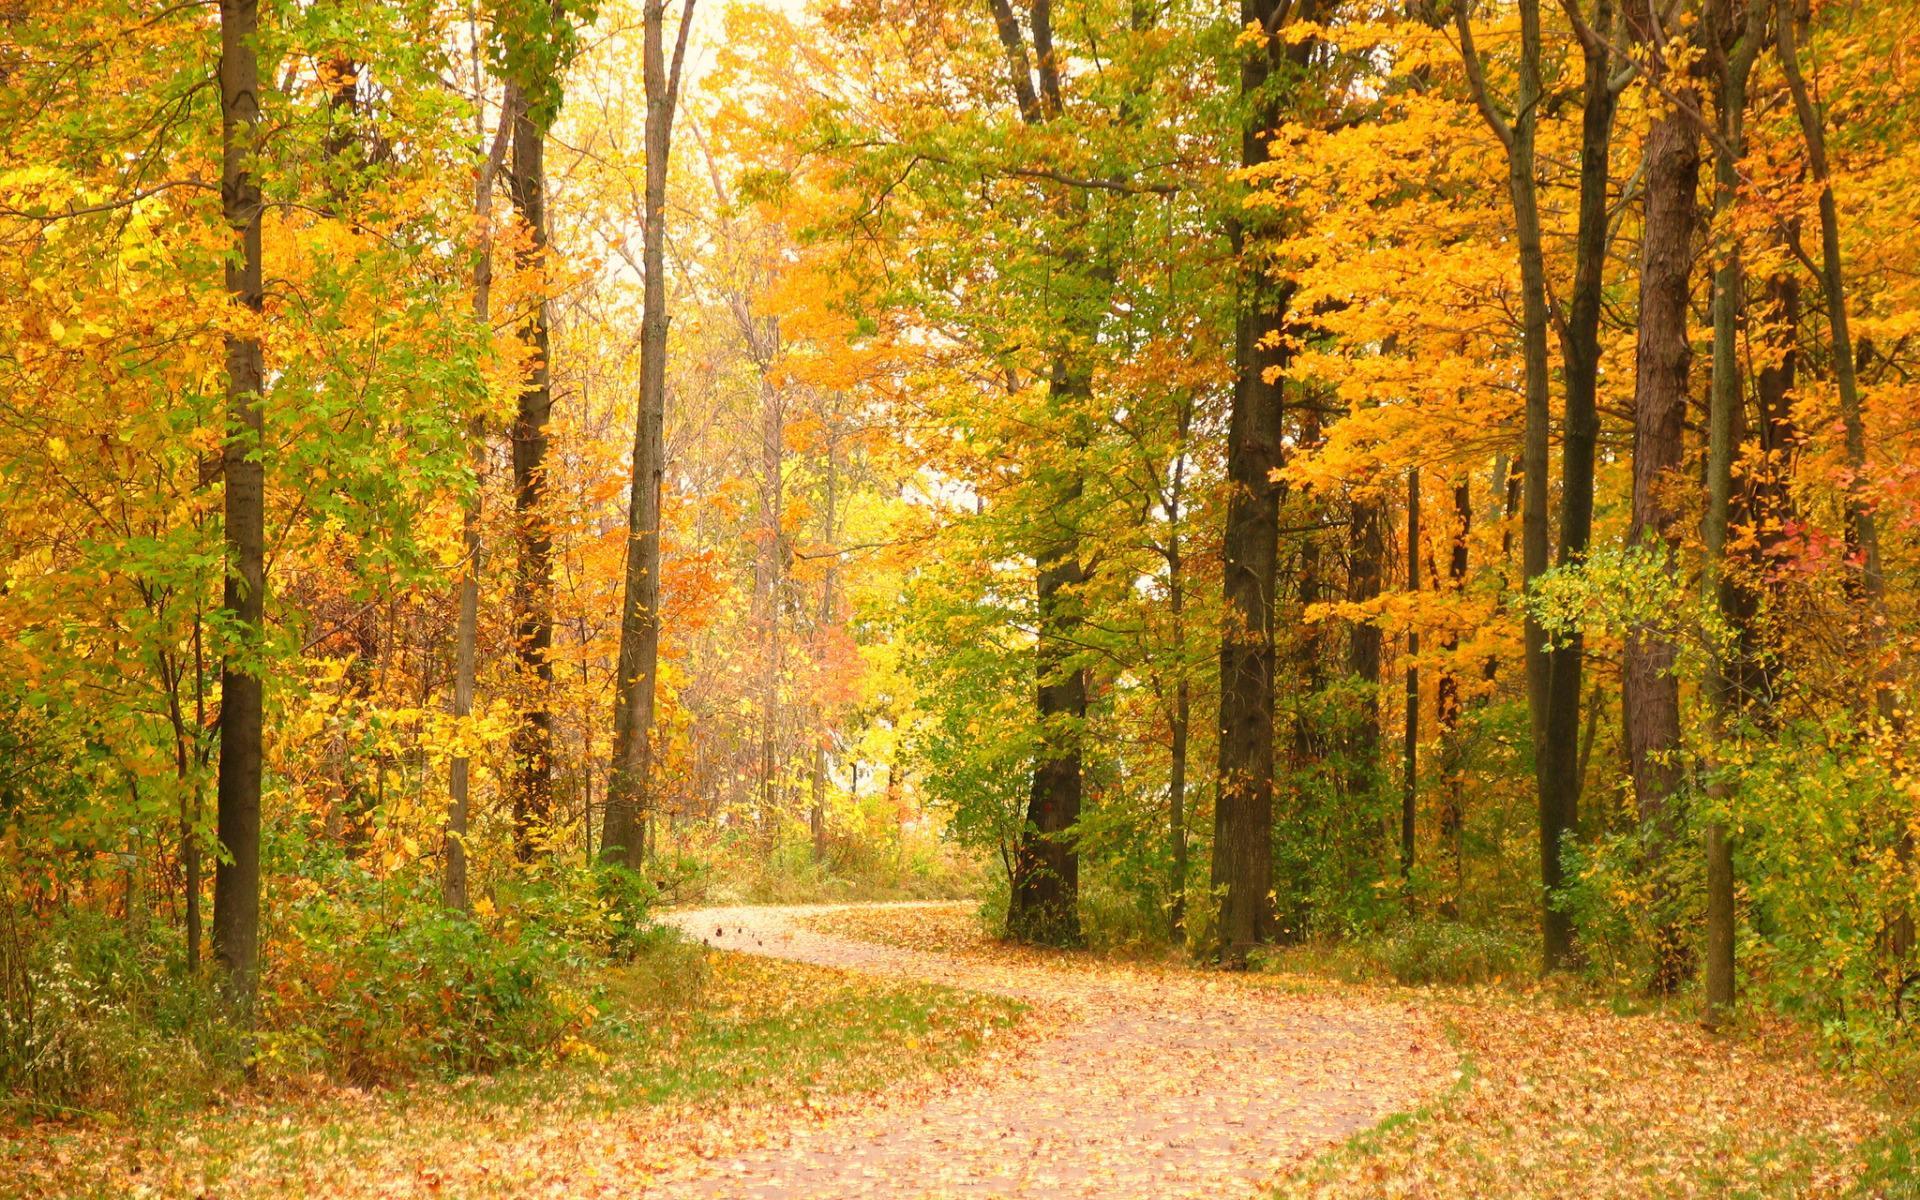 关于秋天落叶的散文900字